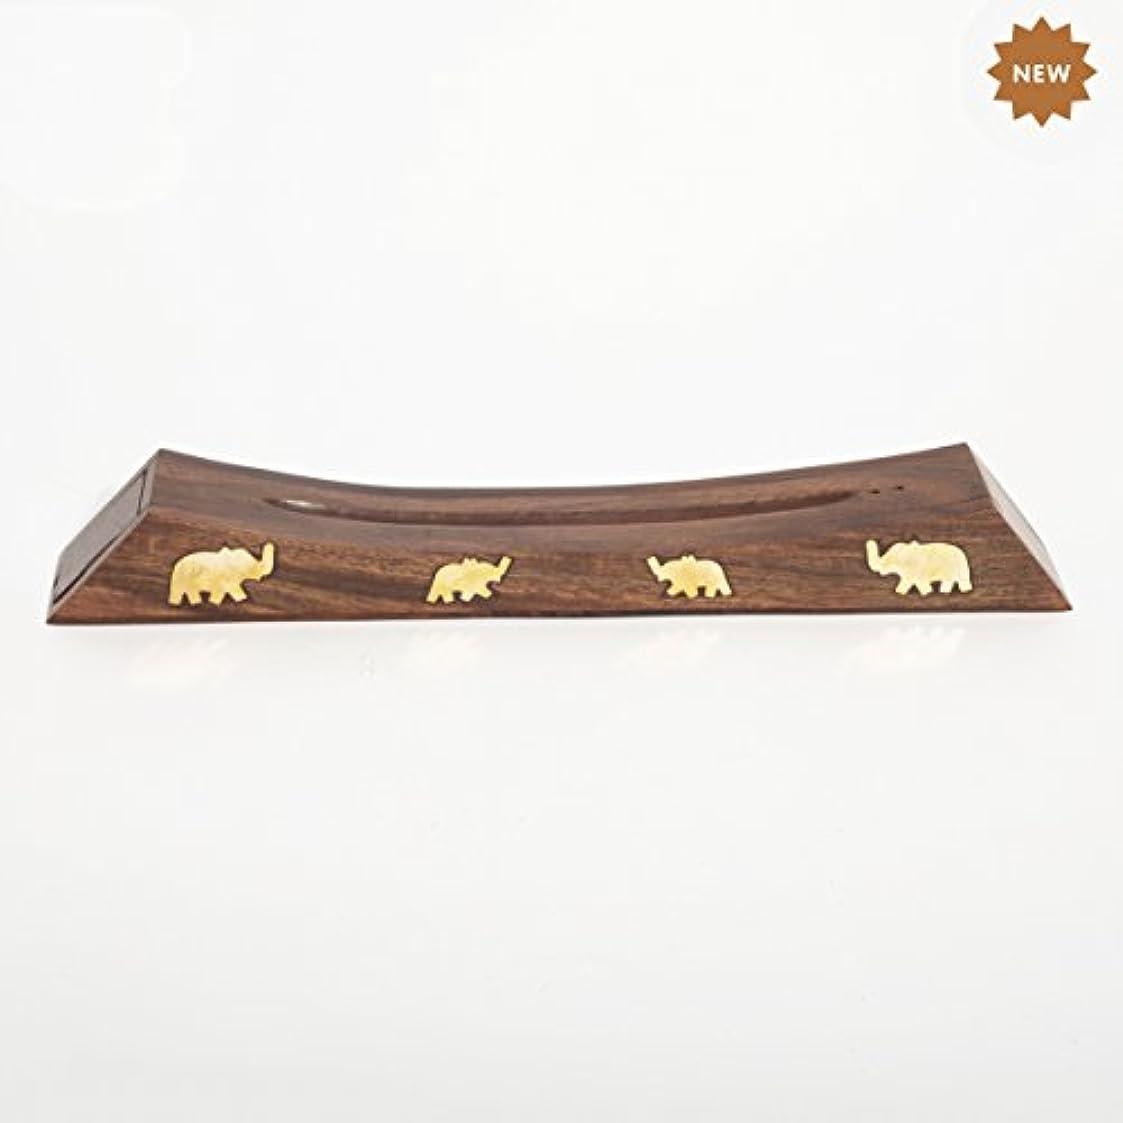 デマンドわずかな自分を引き上げるRusticity 木製お香スタンド お香スティック 収納スロット付き 象の真鍮インレー ハンドメイド 12.4x1.6インチ